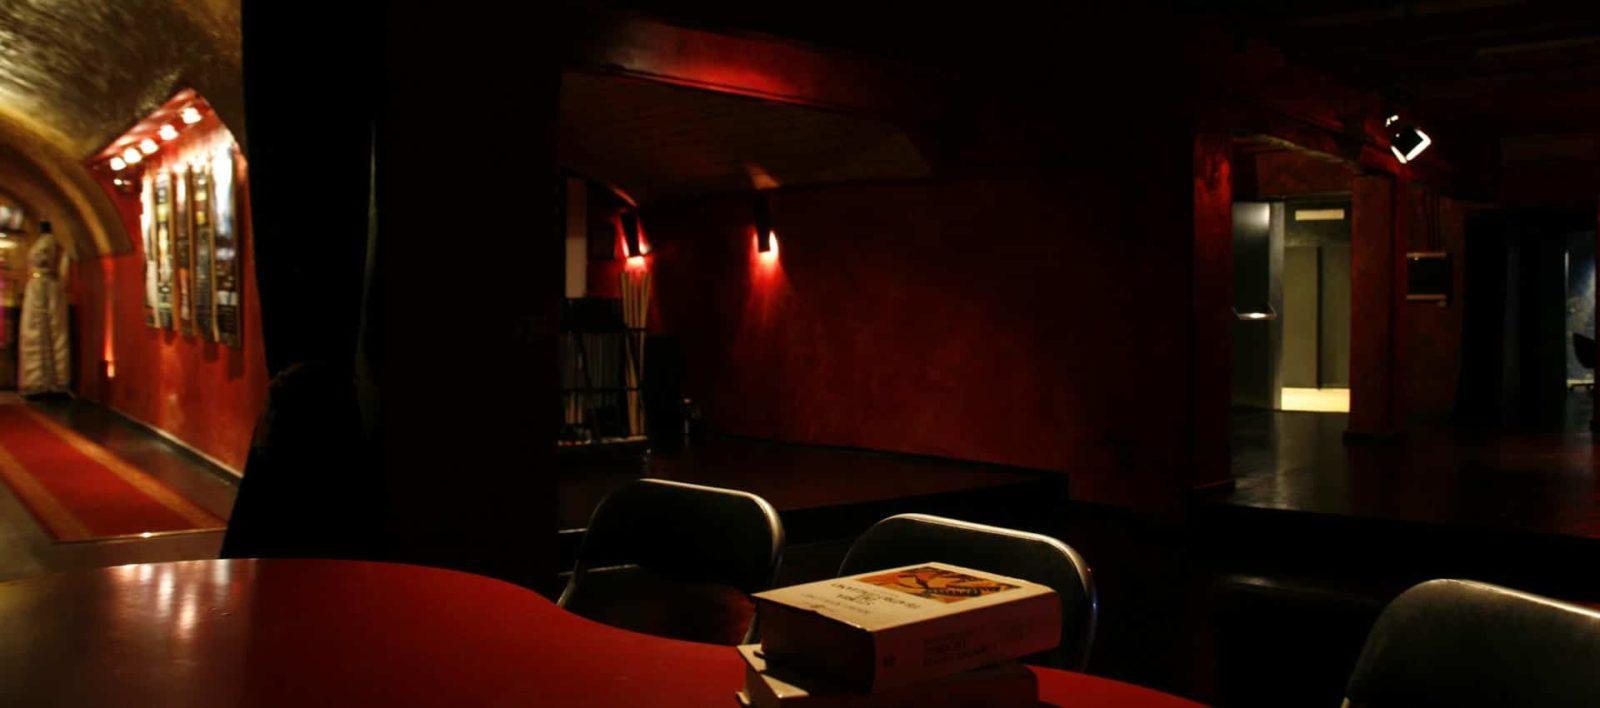 Accademia internazionale di teatro a roma piano di studio for Piano di studio